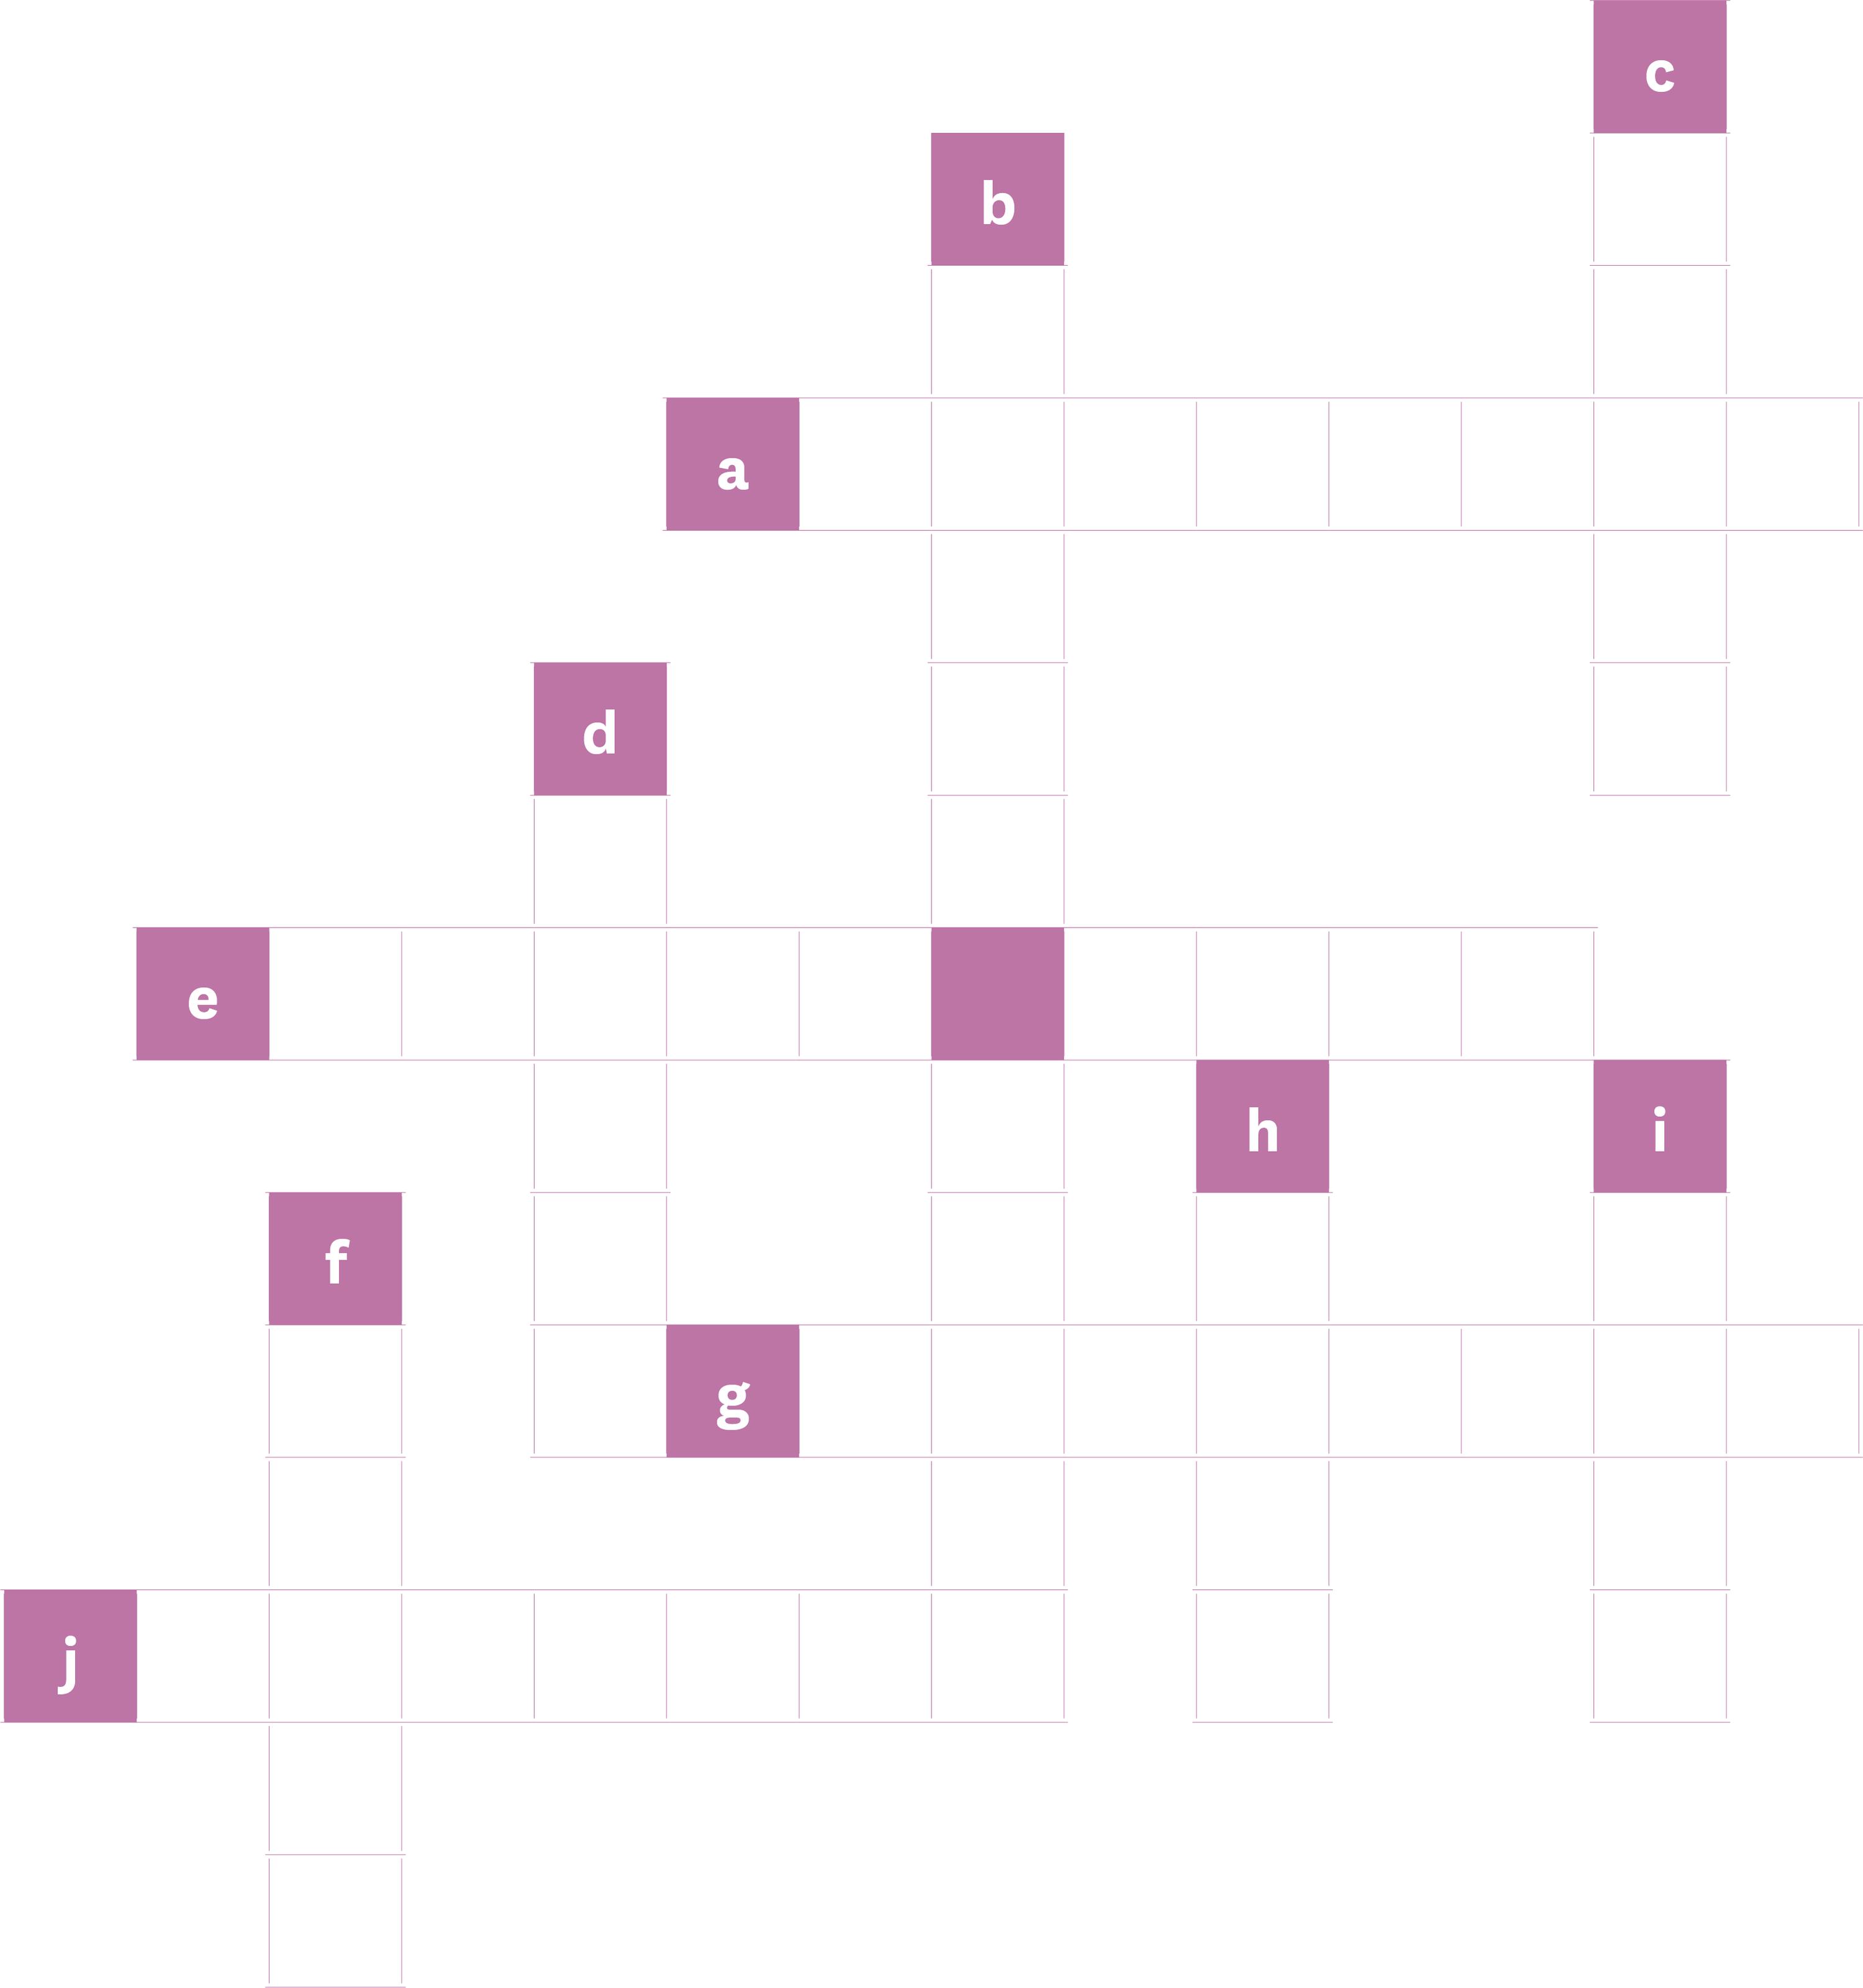 Graphique lié à l'exercice 6